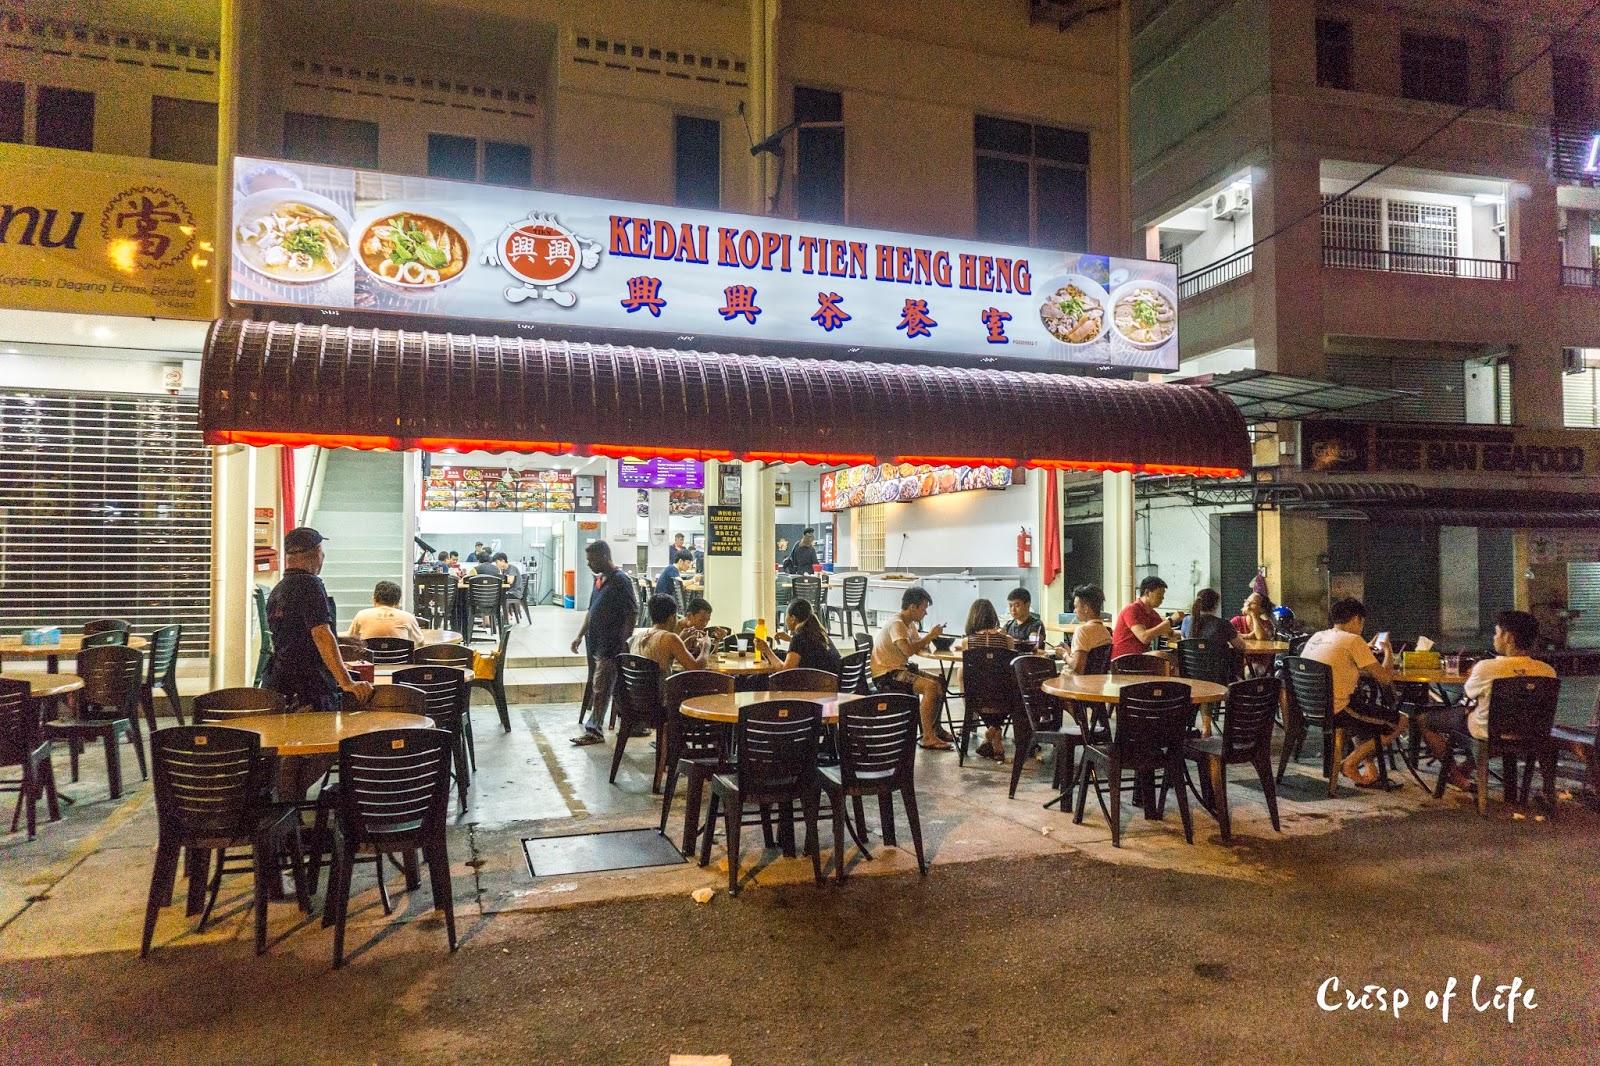 Heng Heng Tomyam (Farlim Branch) @ Jalan Air Itam, Penang